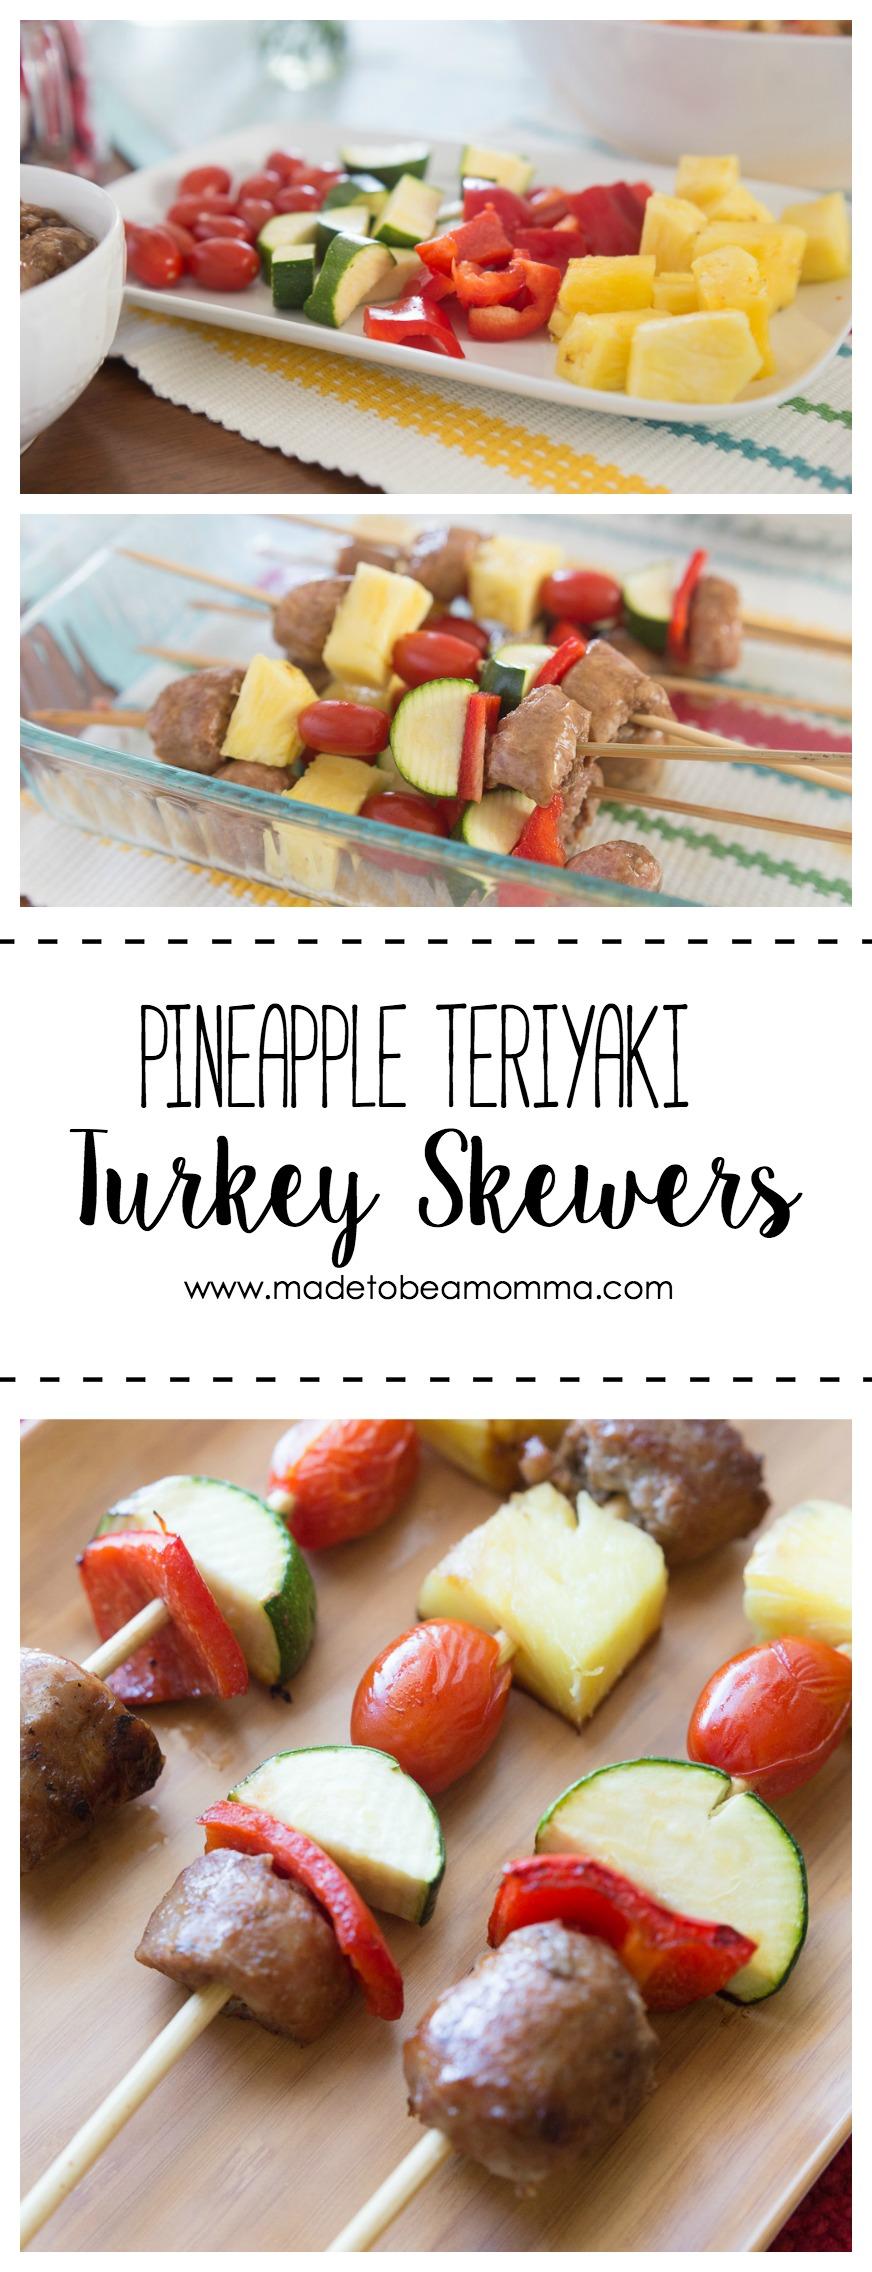 Pineapple Teriyaki Skewers